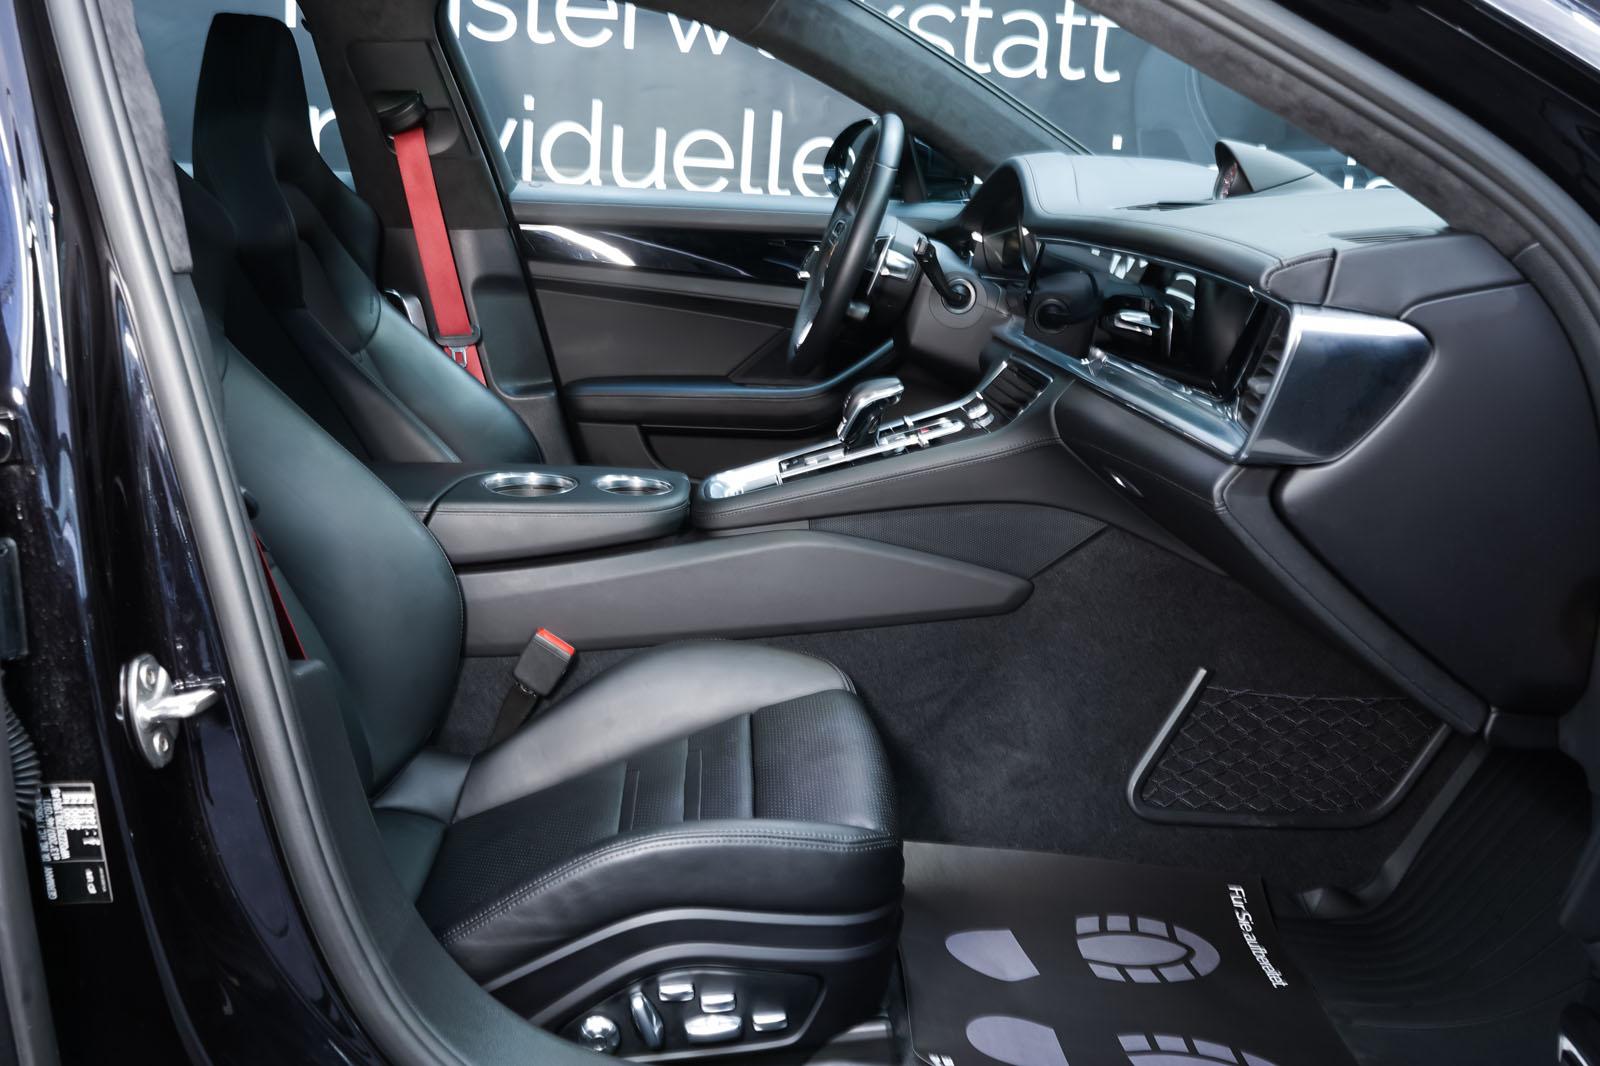 Porsche_Panamera_SportTurismo_Turbo_Schwarz_Schwarz_POR-5145_19_w